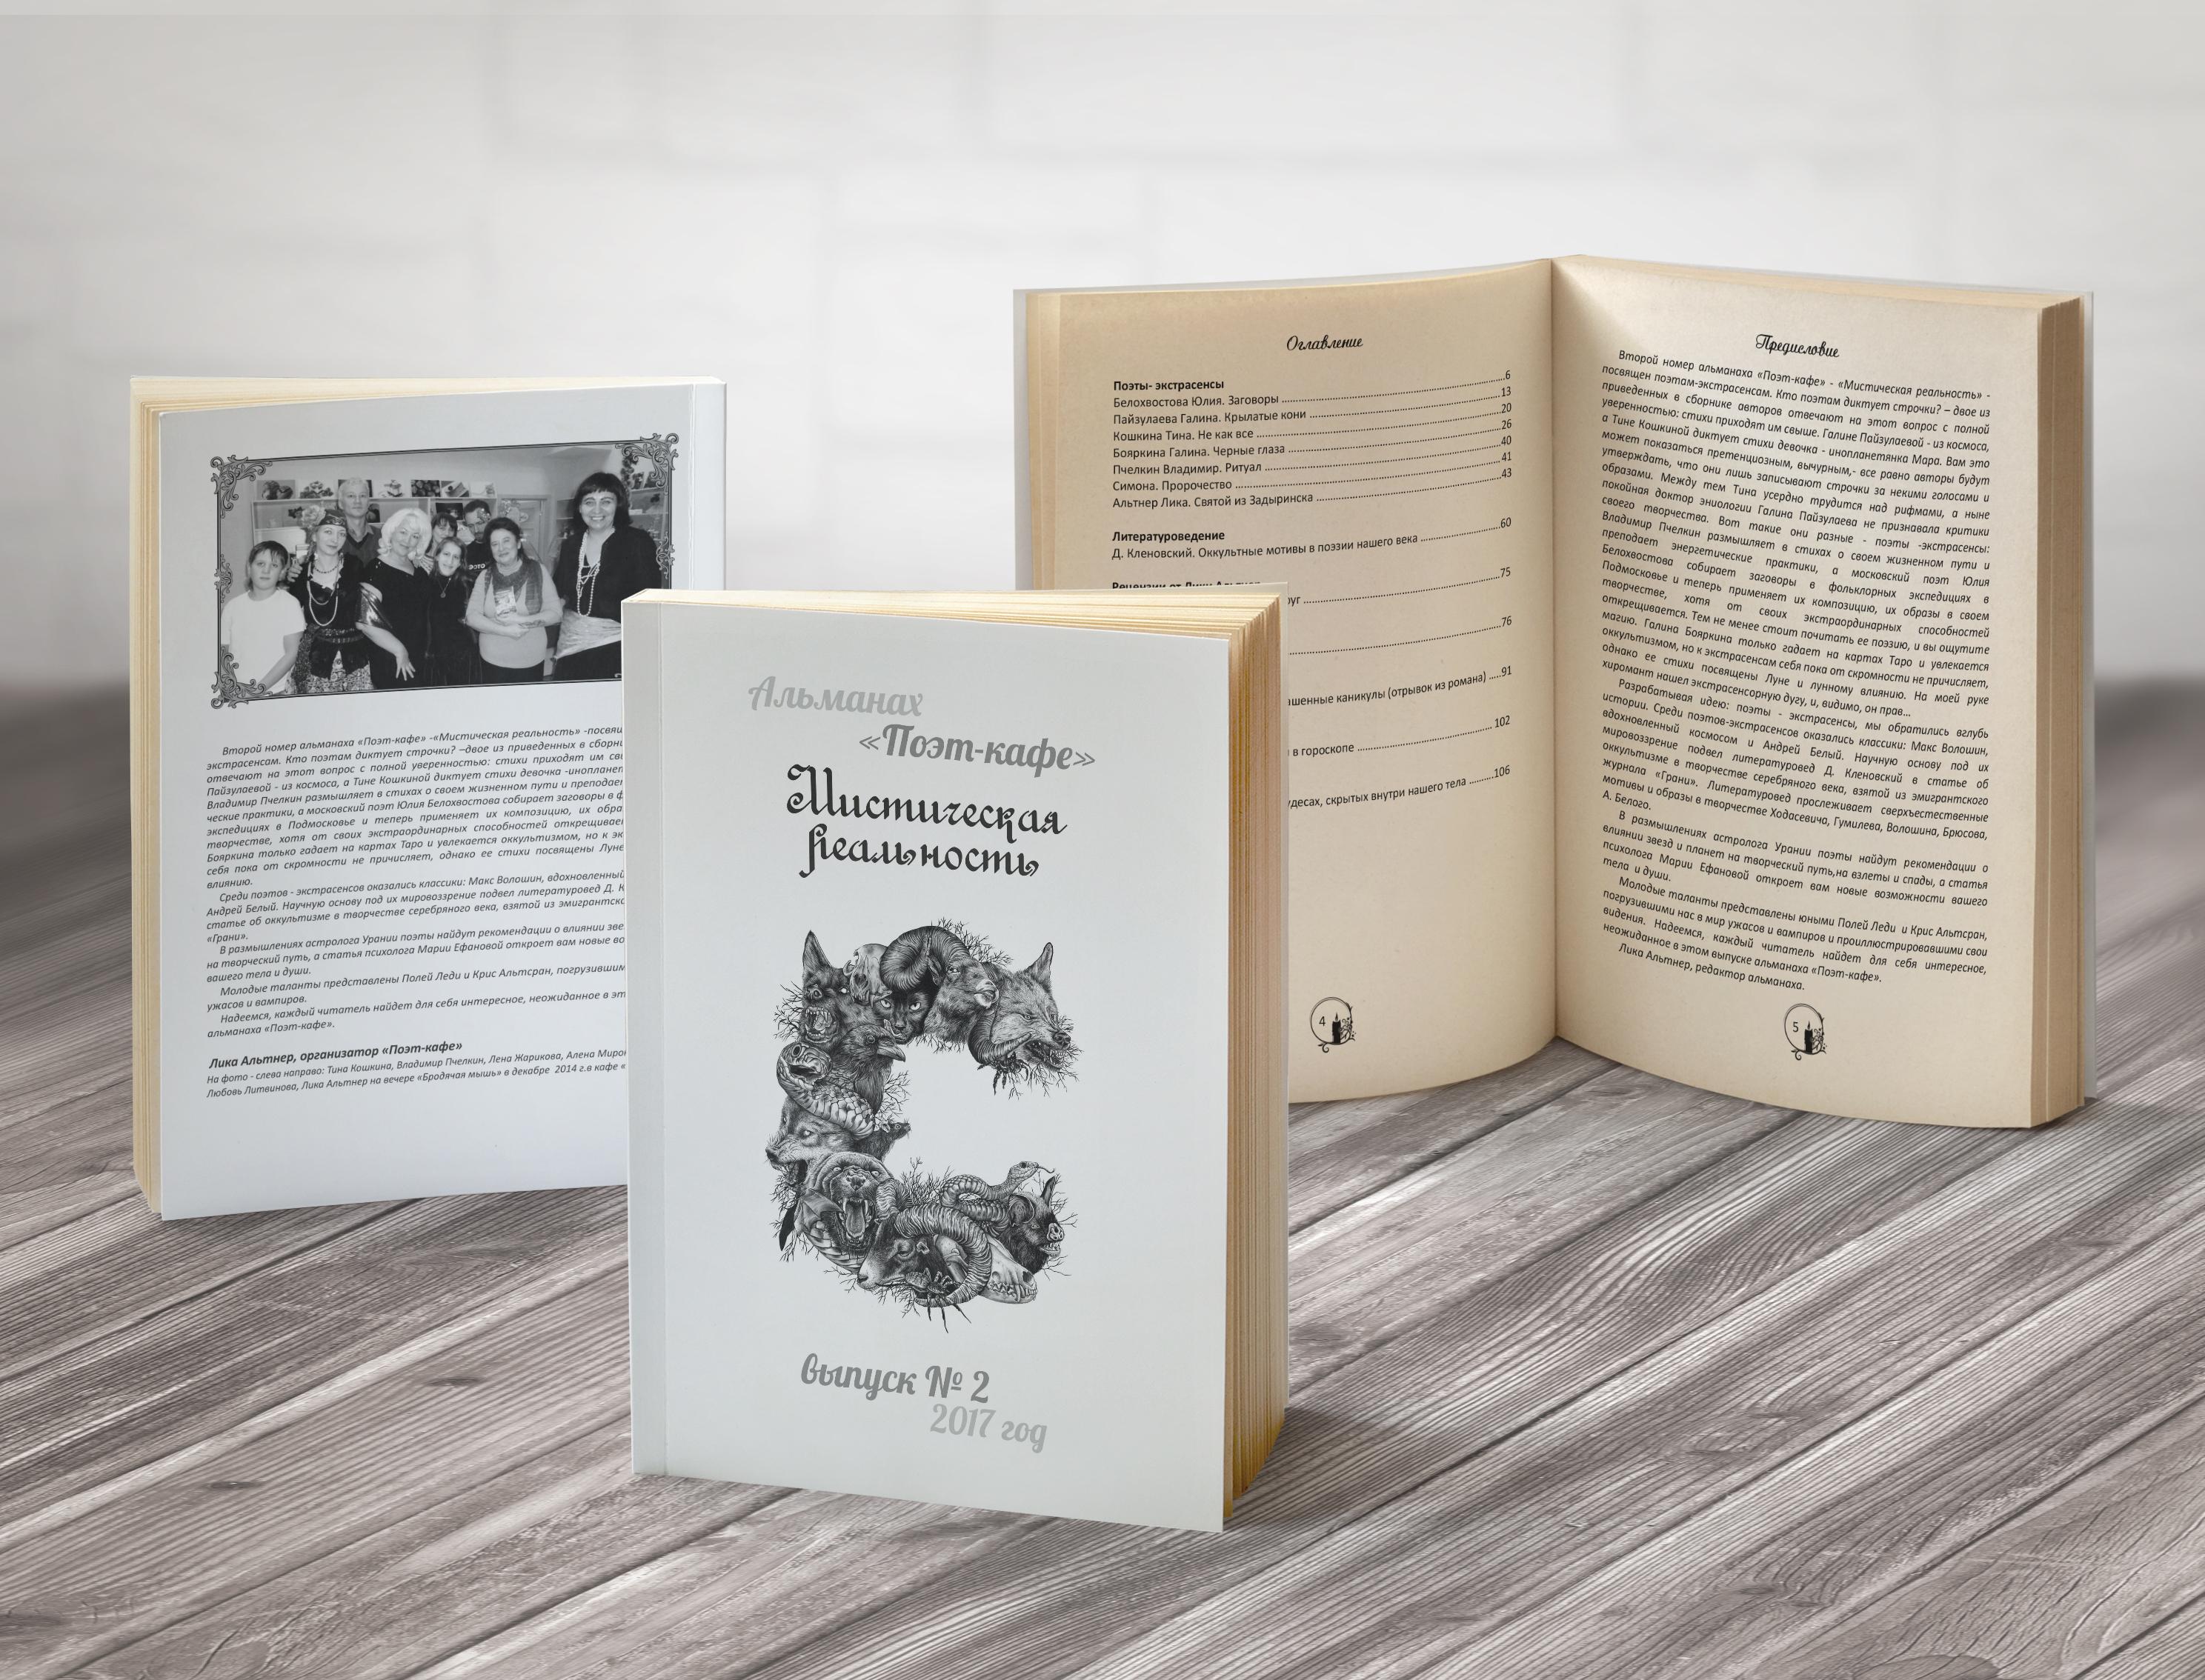 """альманах """"Поэт-кафе"""" № 2 """"Мистическая реальность"""""""